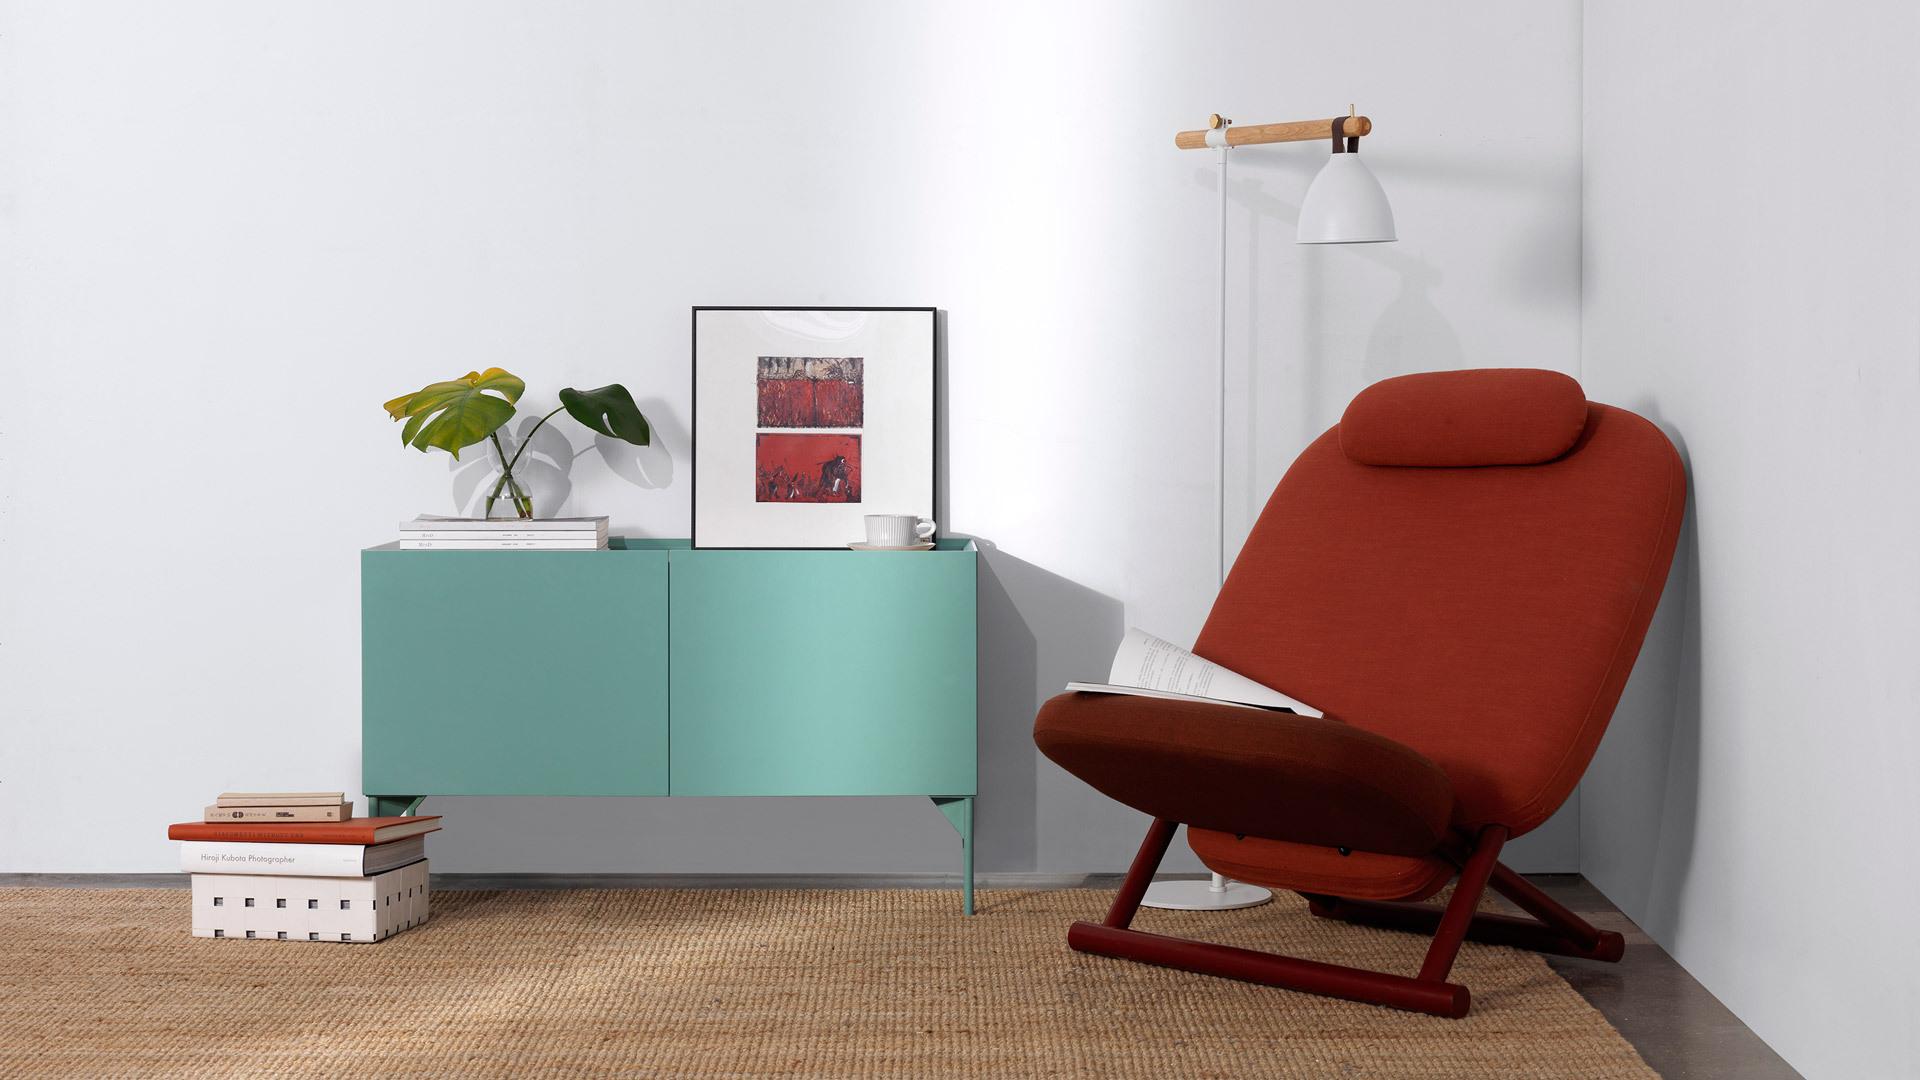 低垂稳妥的柜体重心,给任意休闲角一个视线齐平的安全陪伴。收敛精致的身形,一个恰到好处的装饰角,最大限度利用紧凑空间。